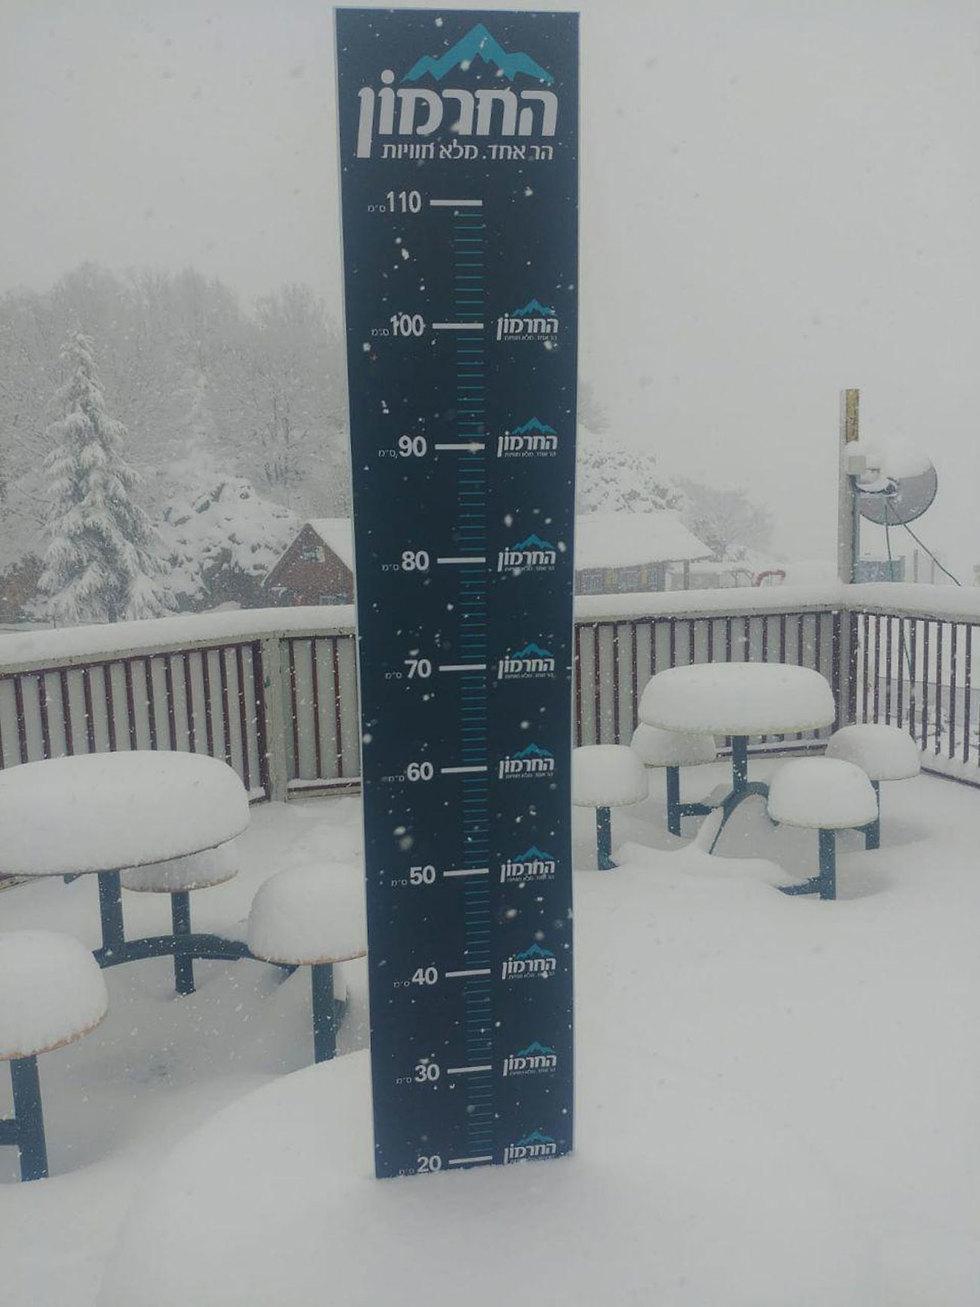 Уровень снежного покрова. Фото: пресс-служба Хермона